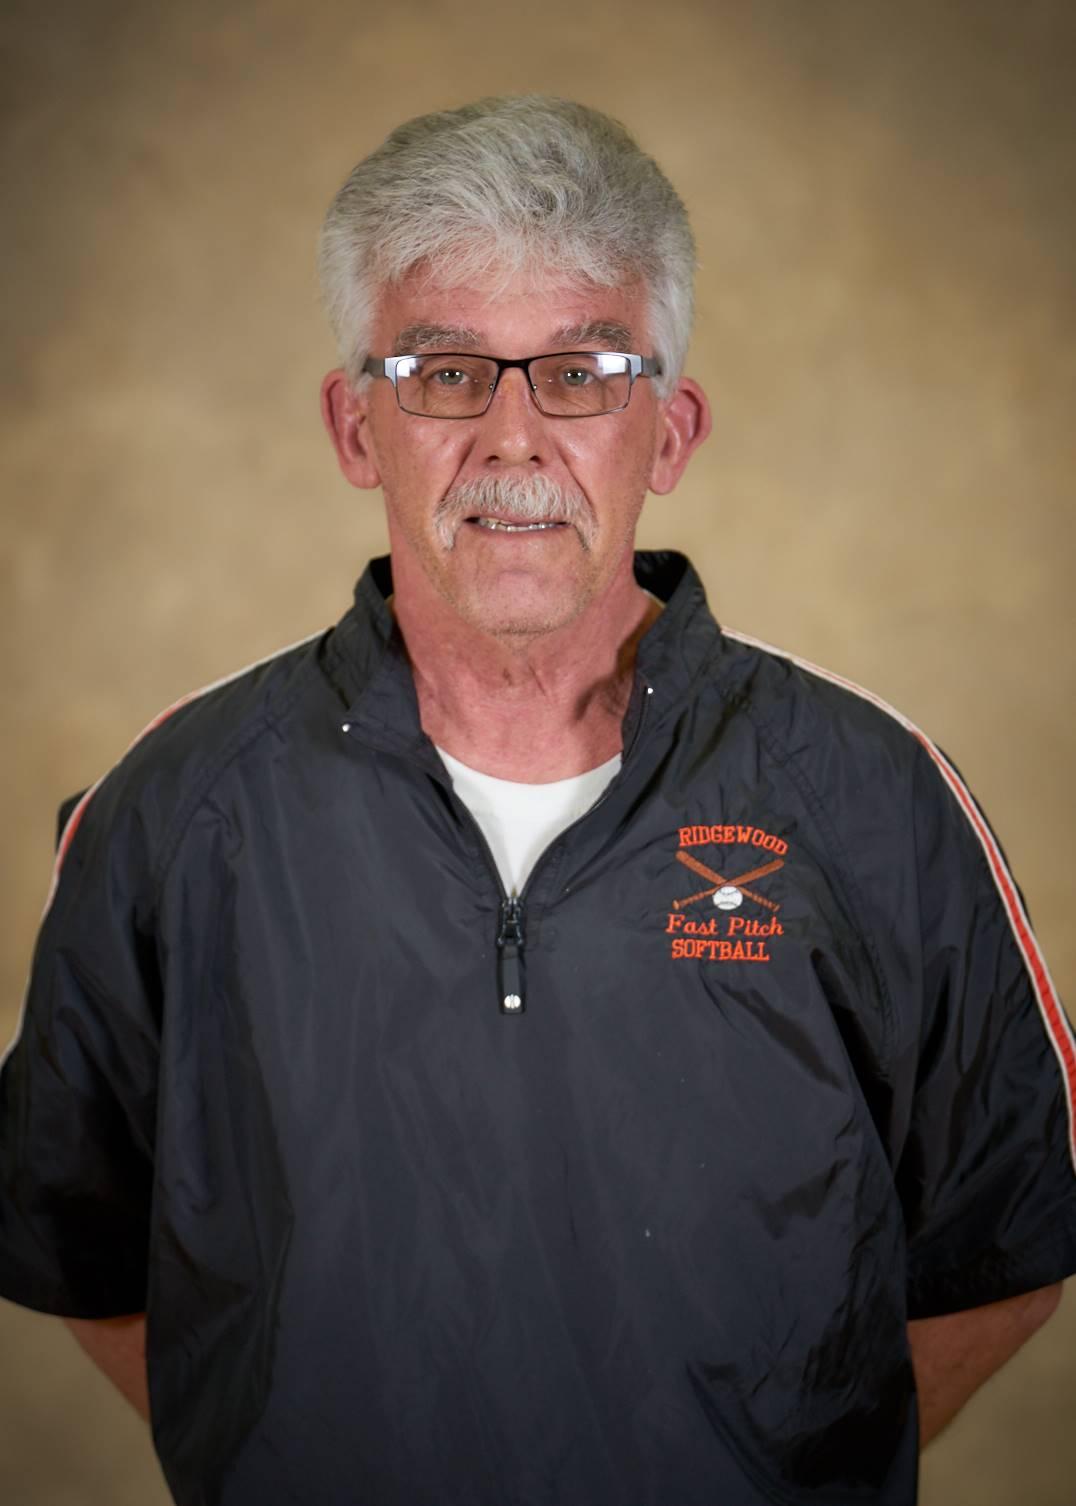 Spring 2018 soft coach